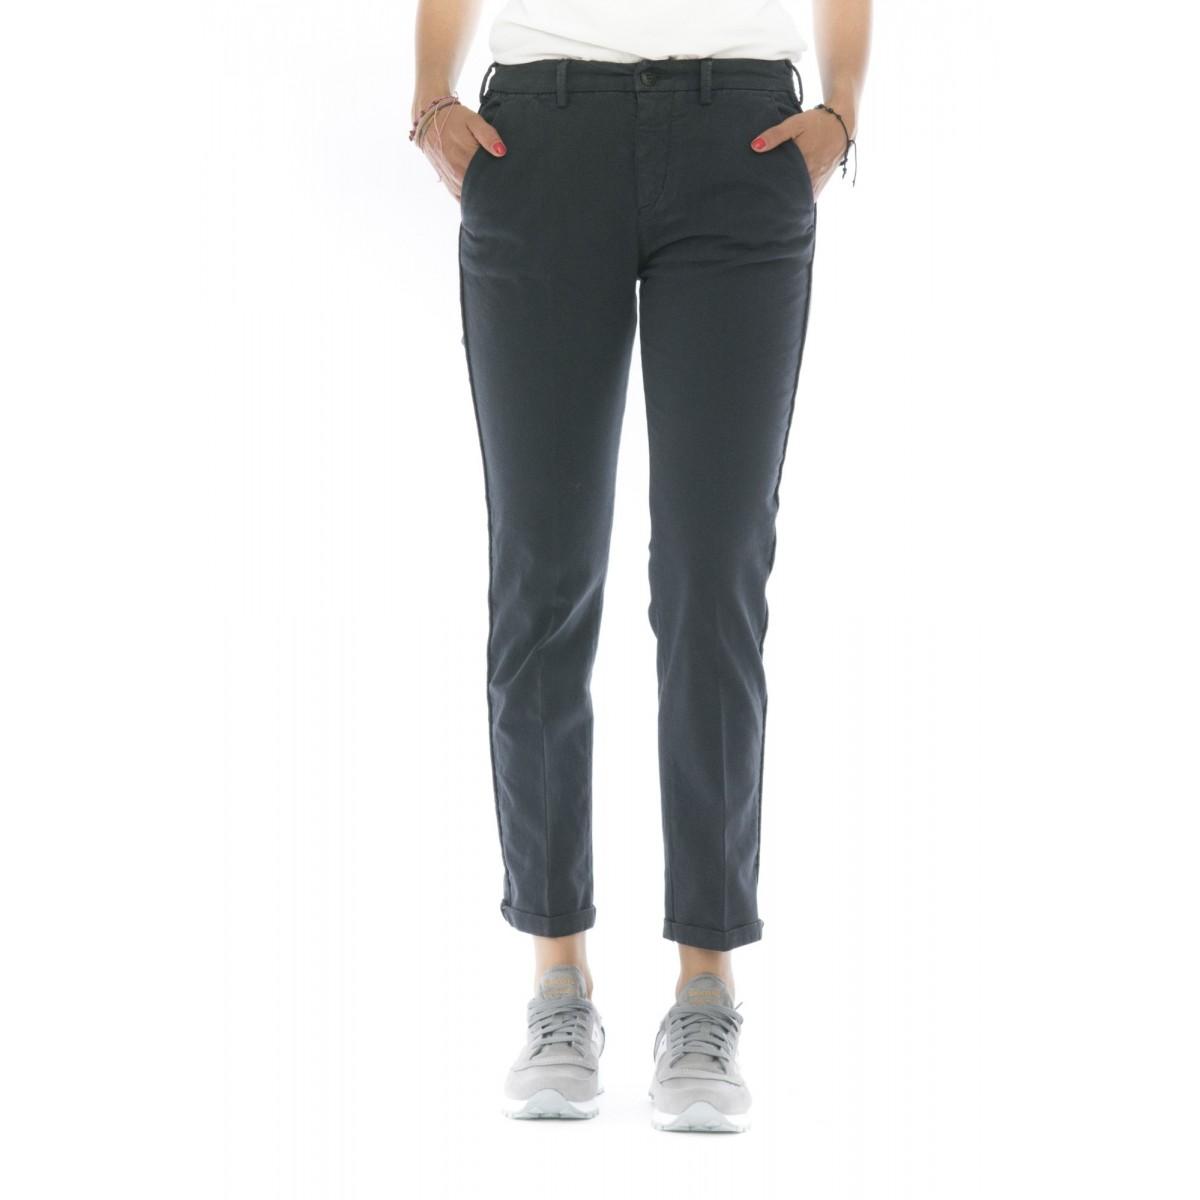 Pants Woman - BRIANA 8629